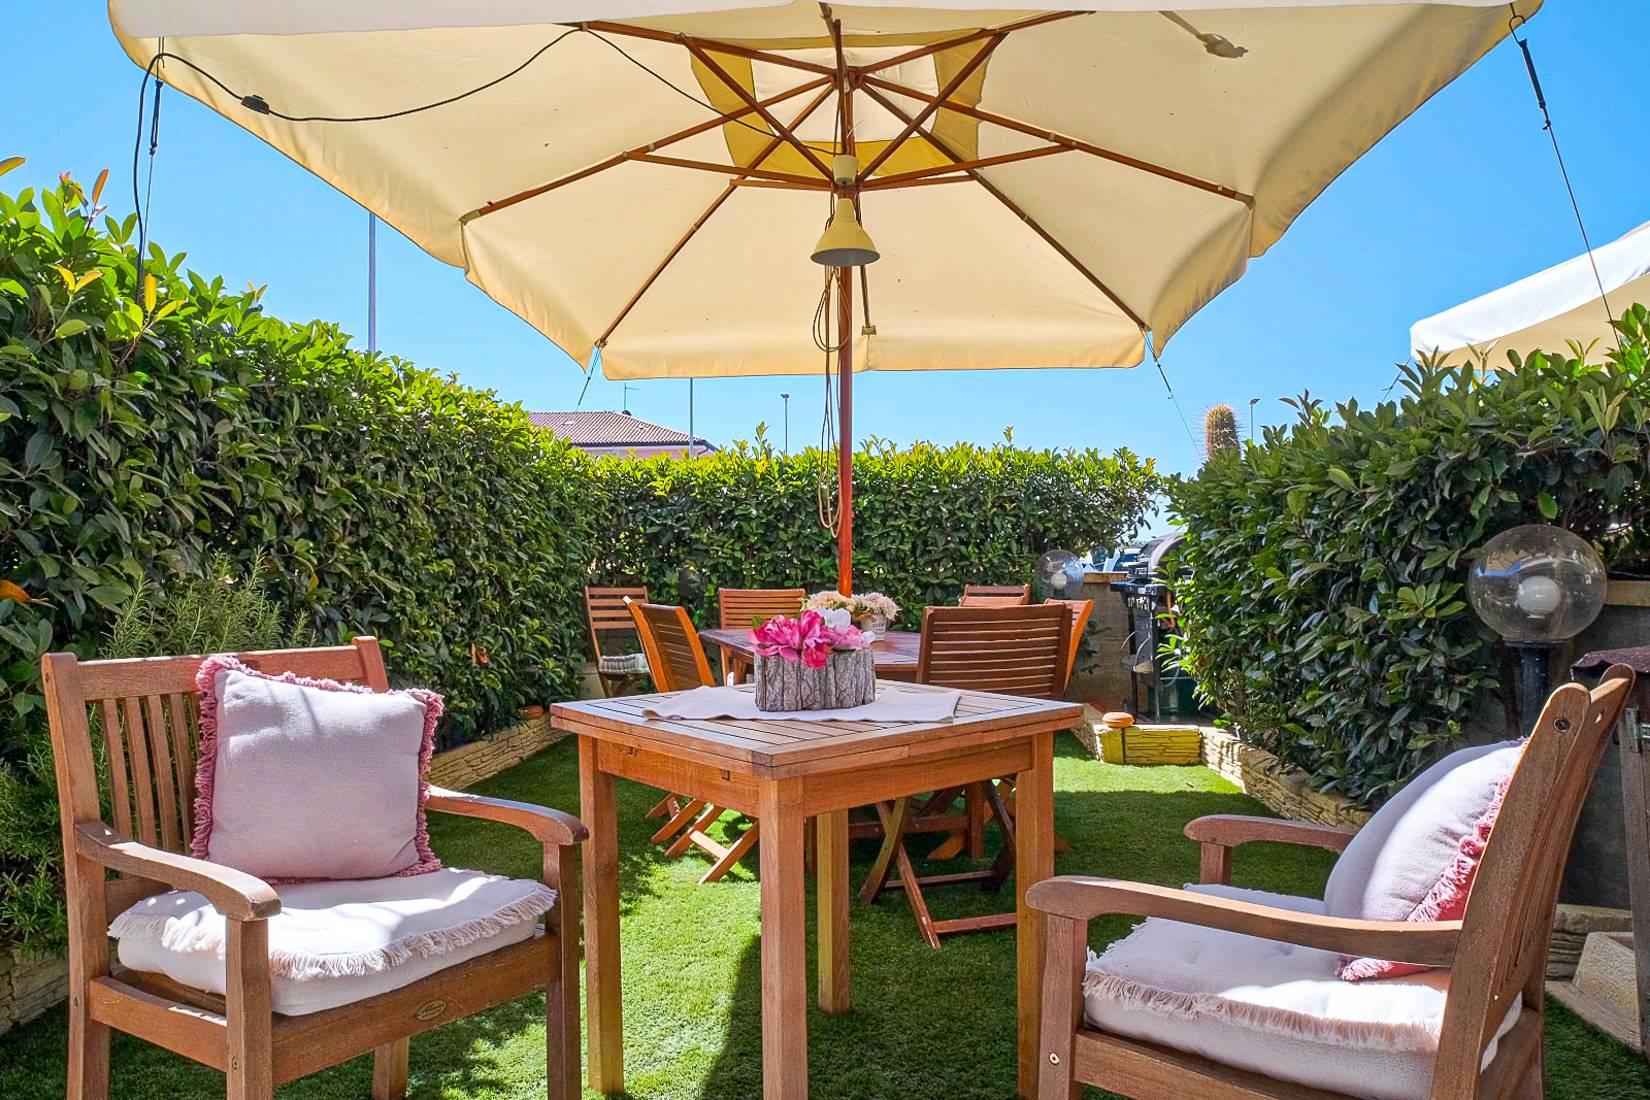 L'appartamento il Fiore è situato a 1 Km dalle spiagge di San Vincenzo in una zona ove è possibile raggiungere a piedi i negozi di prima necessità. L'immobile è ubicato all'interno di una palazzina